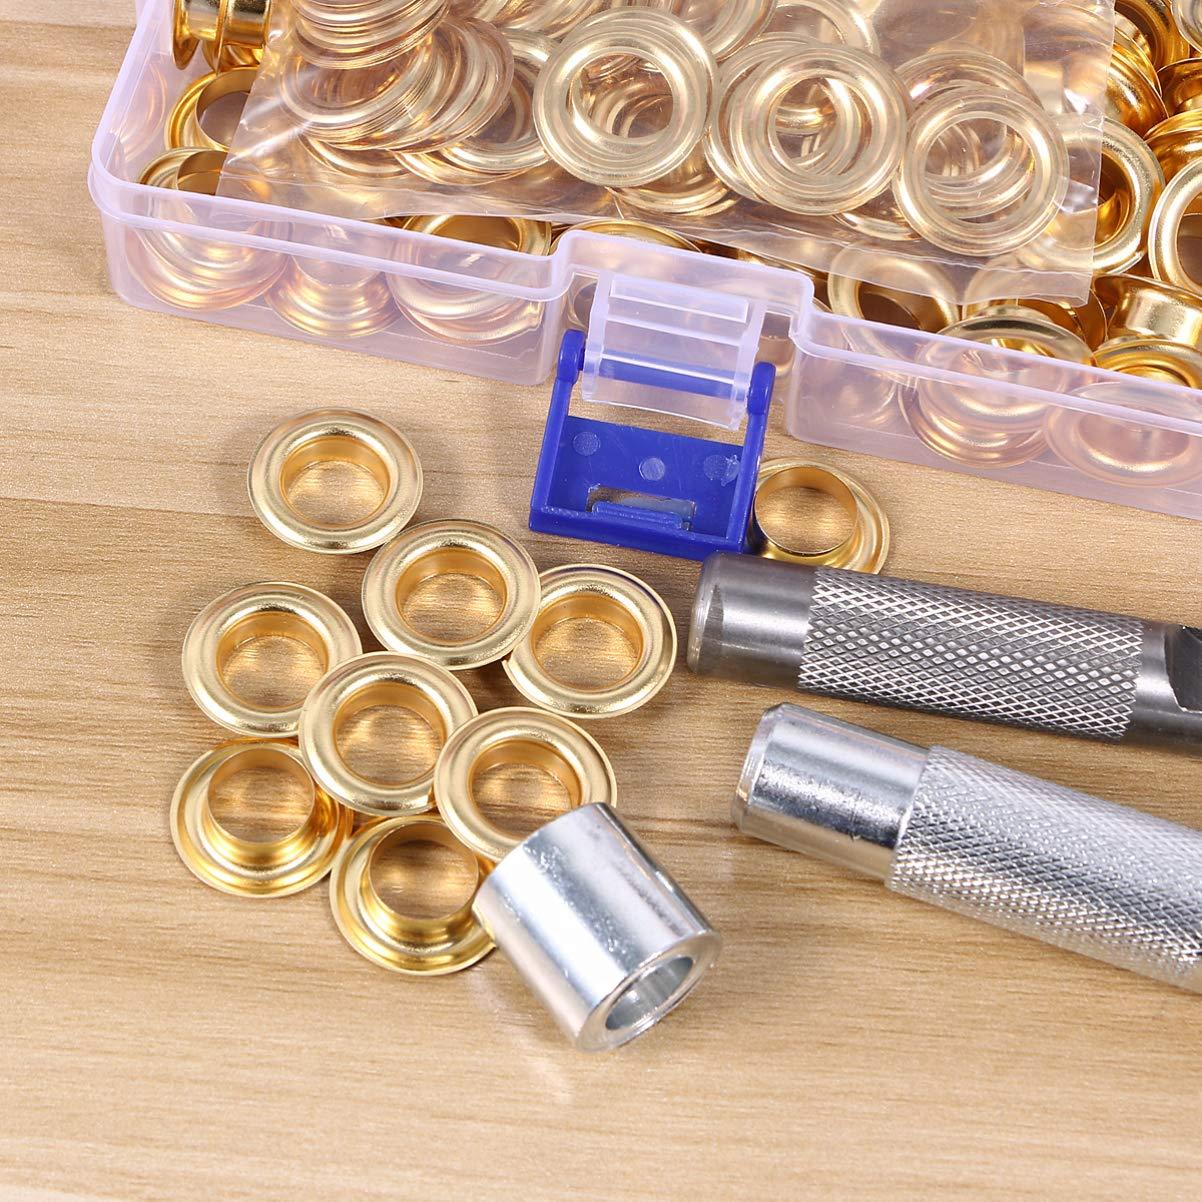 Kit de 100 ojales de 12 mm dorado Doitool juego de ojales Grommet con arandelas y herramientas de instalaci/ón para lona para la reparaci/ón de ropa artesanal